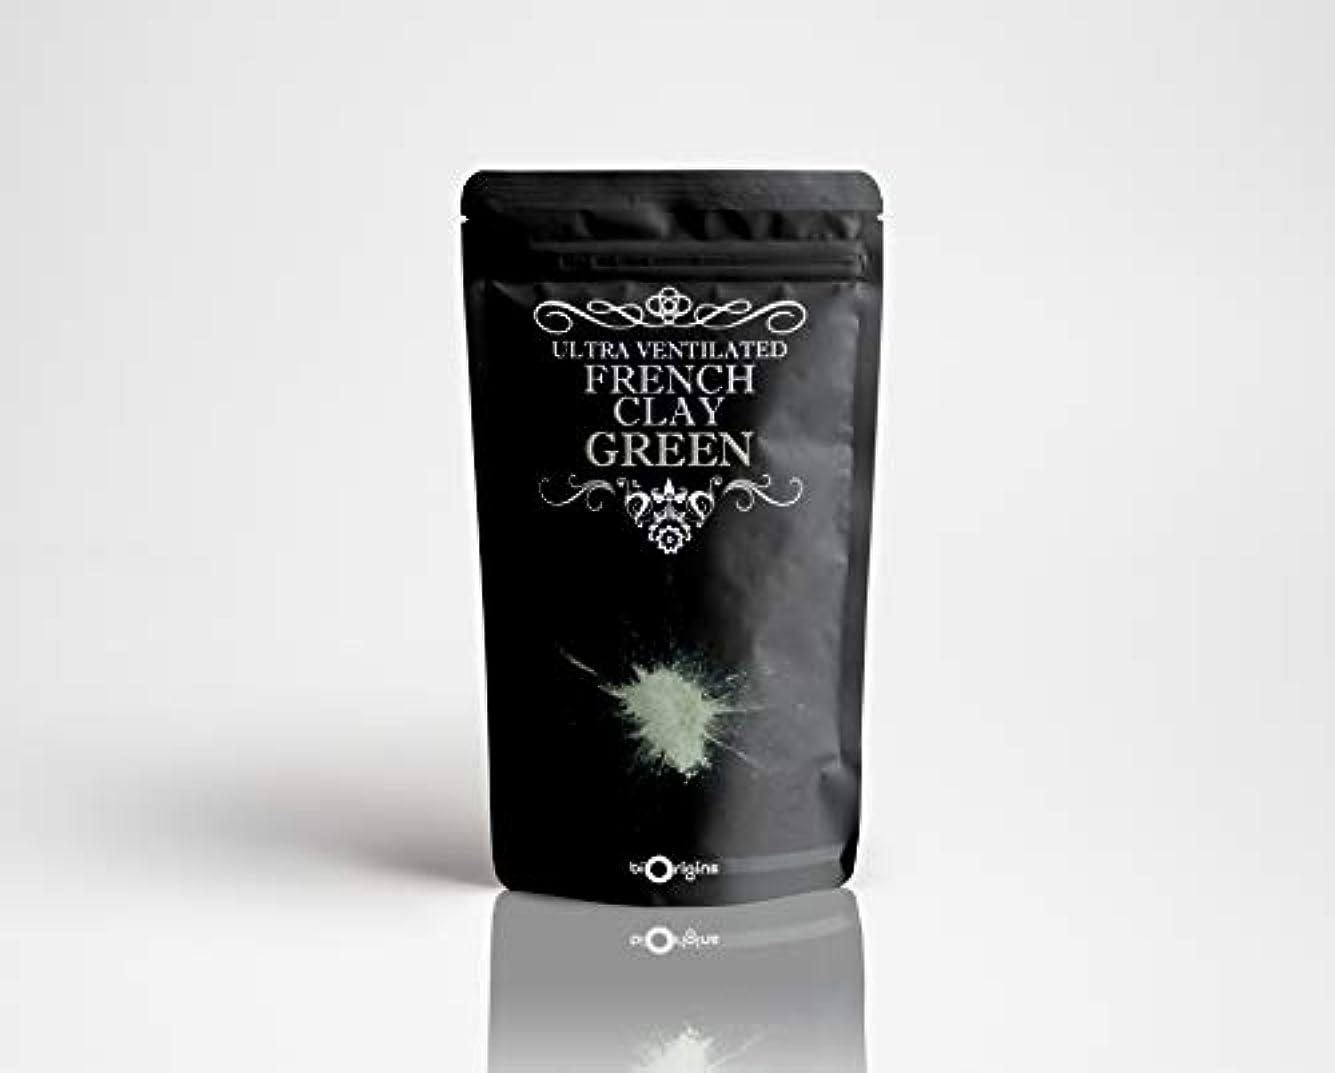 甘美な自然口径Green Ultra Ventilated French Clay - 100g